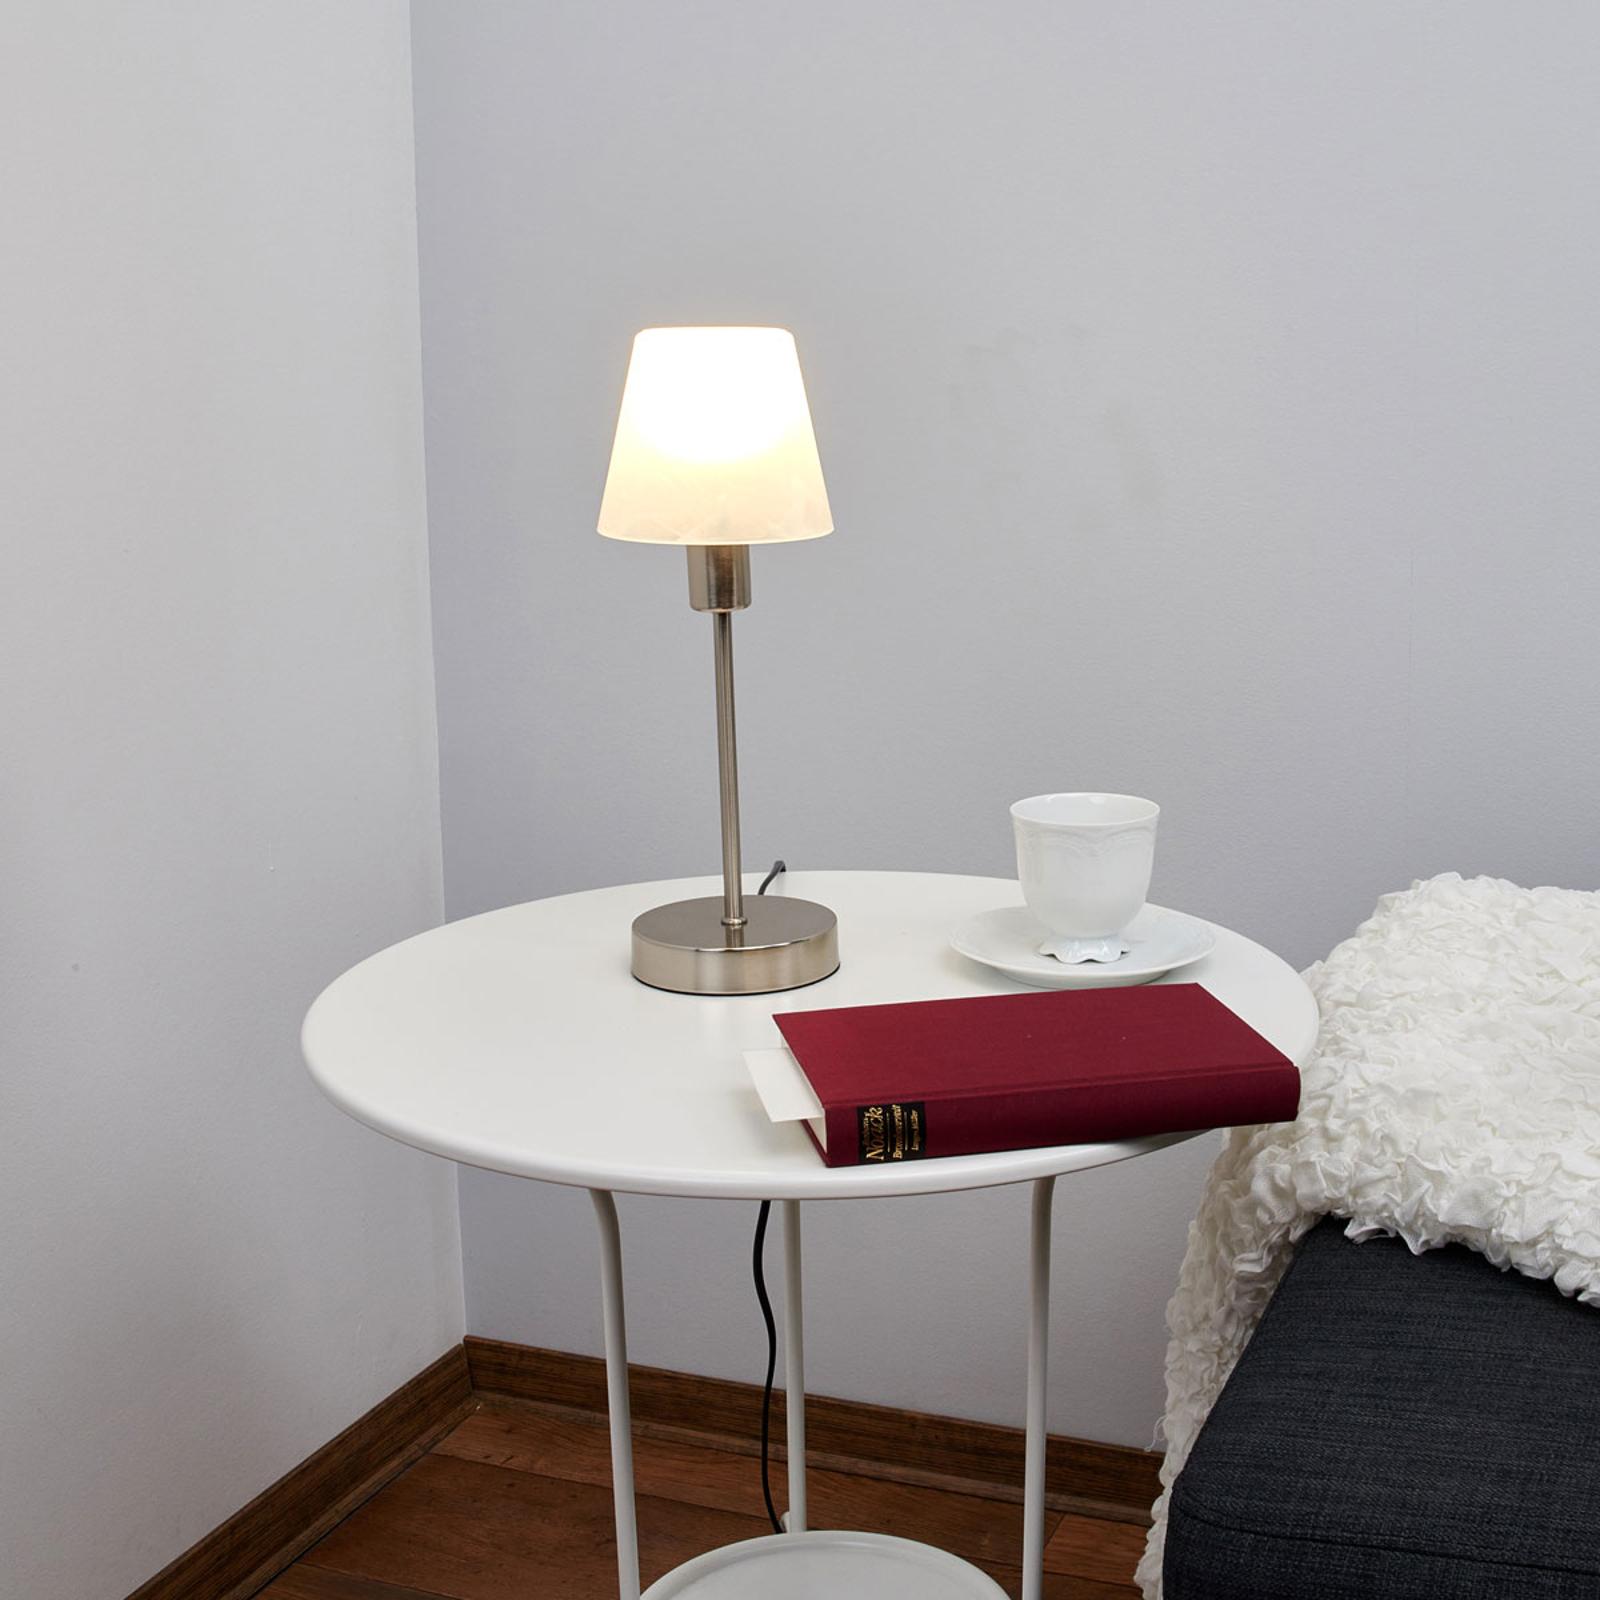 Nattduksbordslampa Avarin med LED-ljuskällor